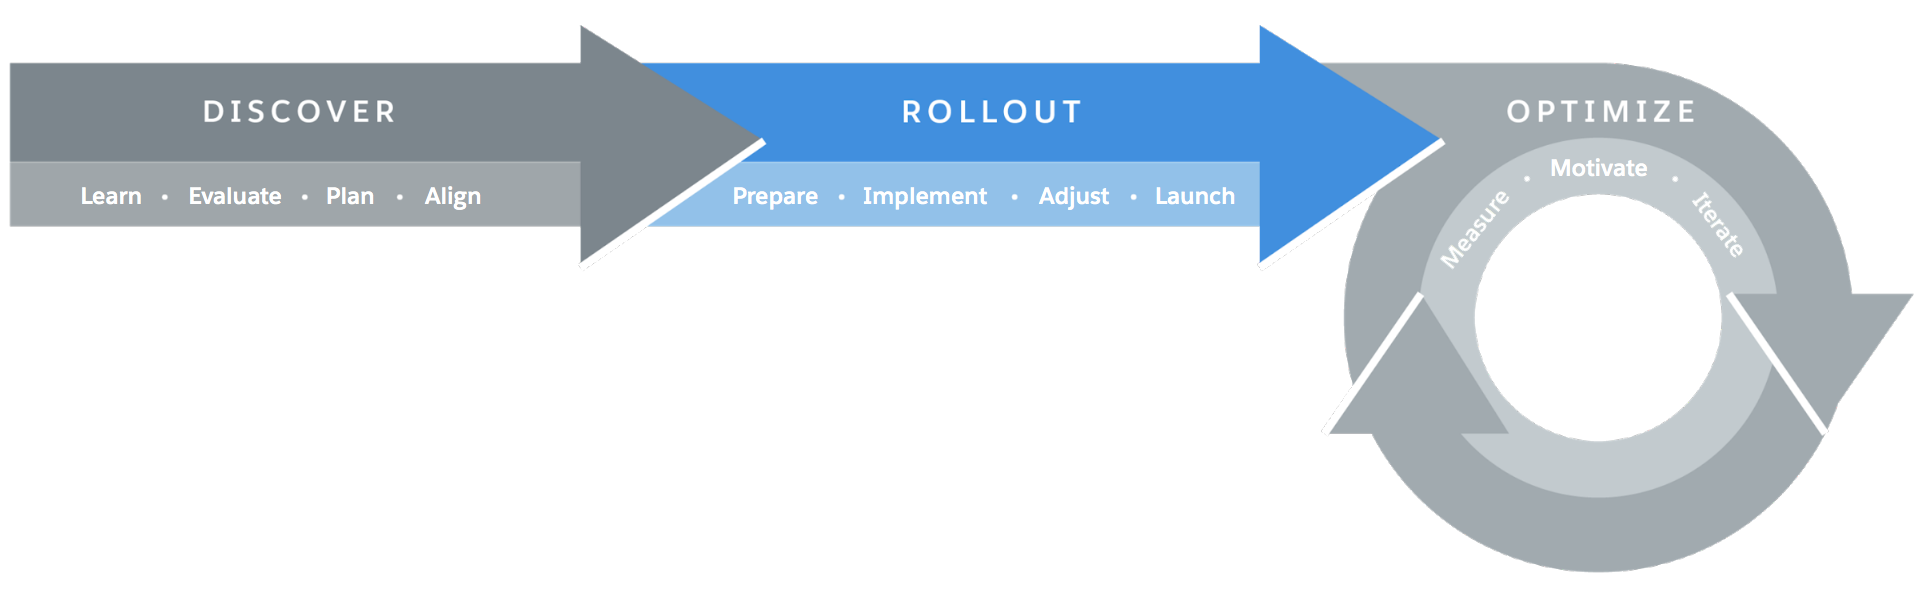 Representación visual del marco de trabajo de transición de Lightning Experience, con la fase Implantar resaltada